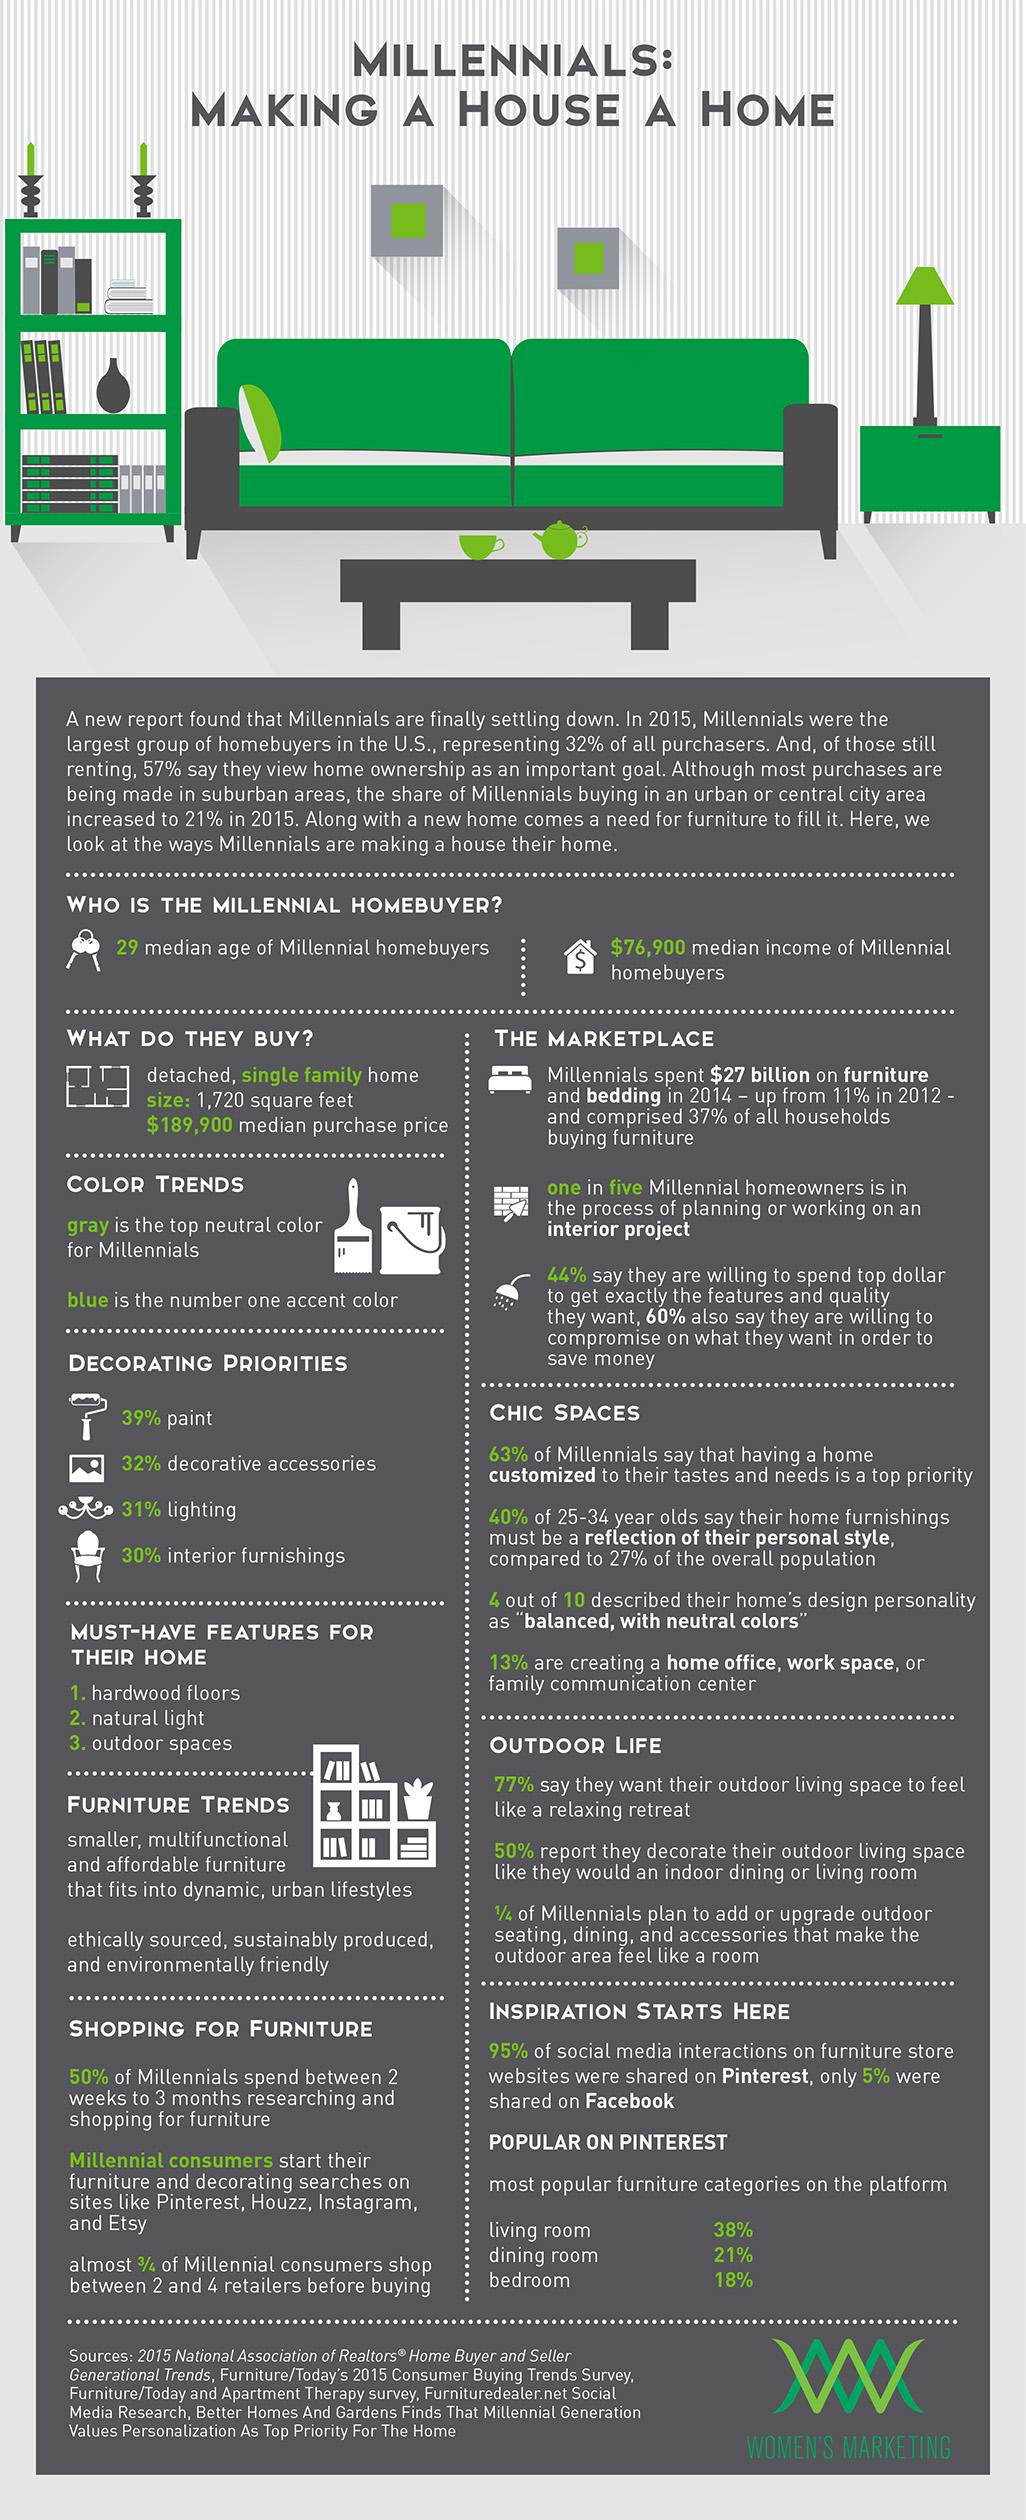 MakingAHouseAHome_Infographic.jpg